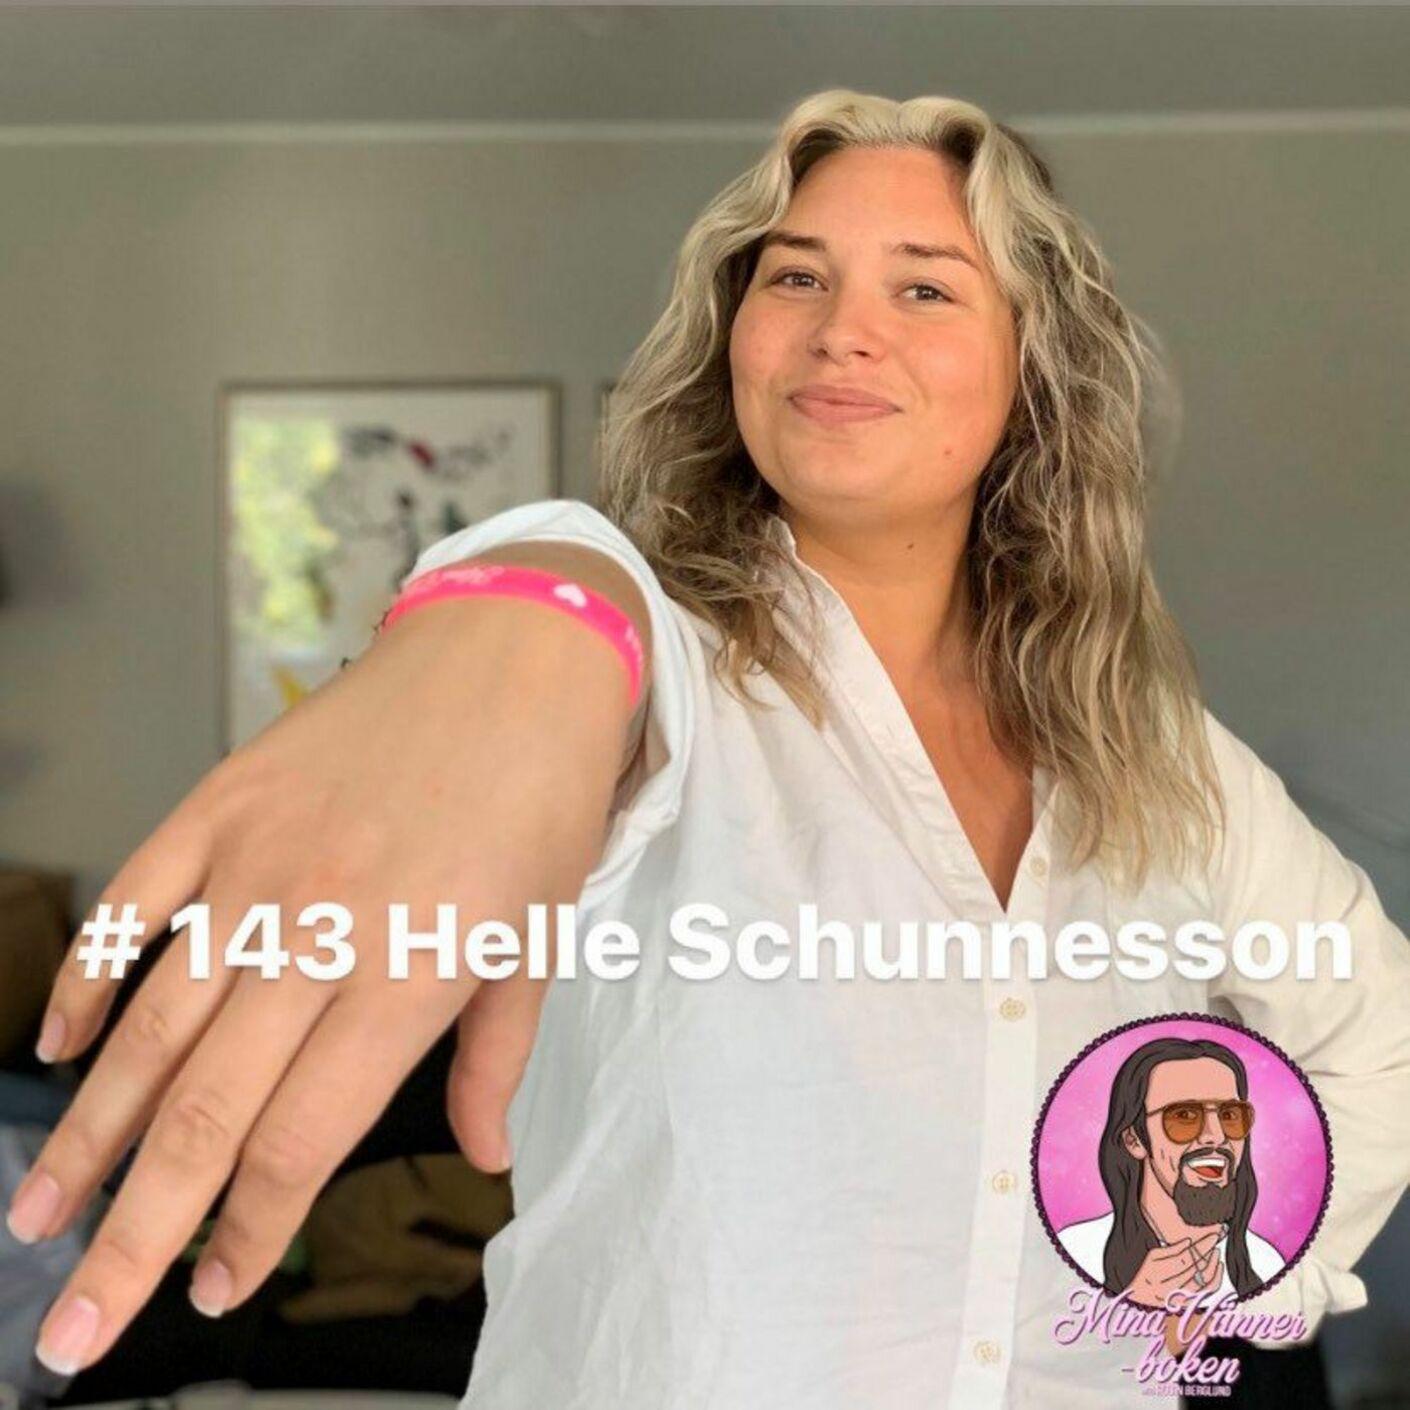 143. Helle Schunnesson